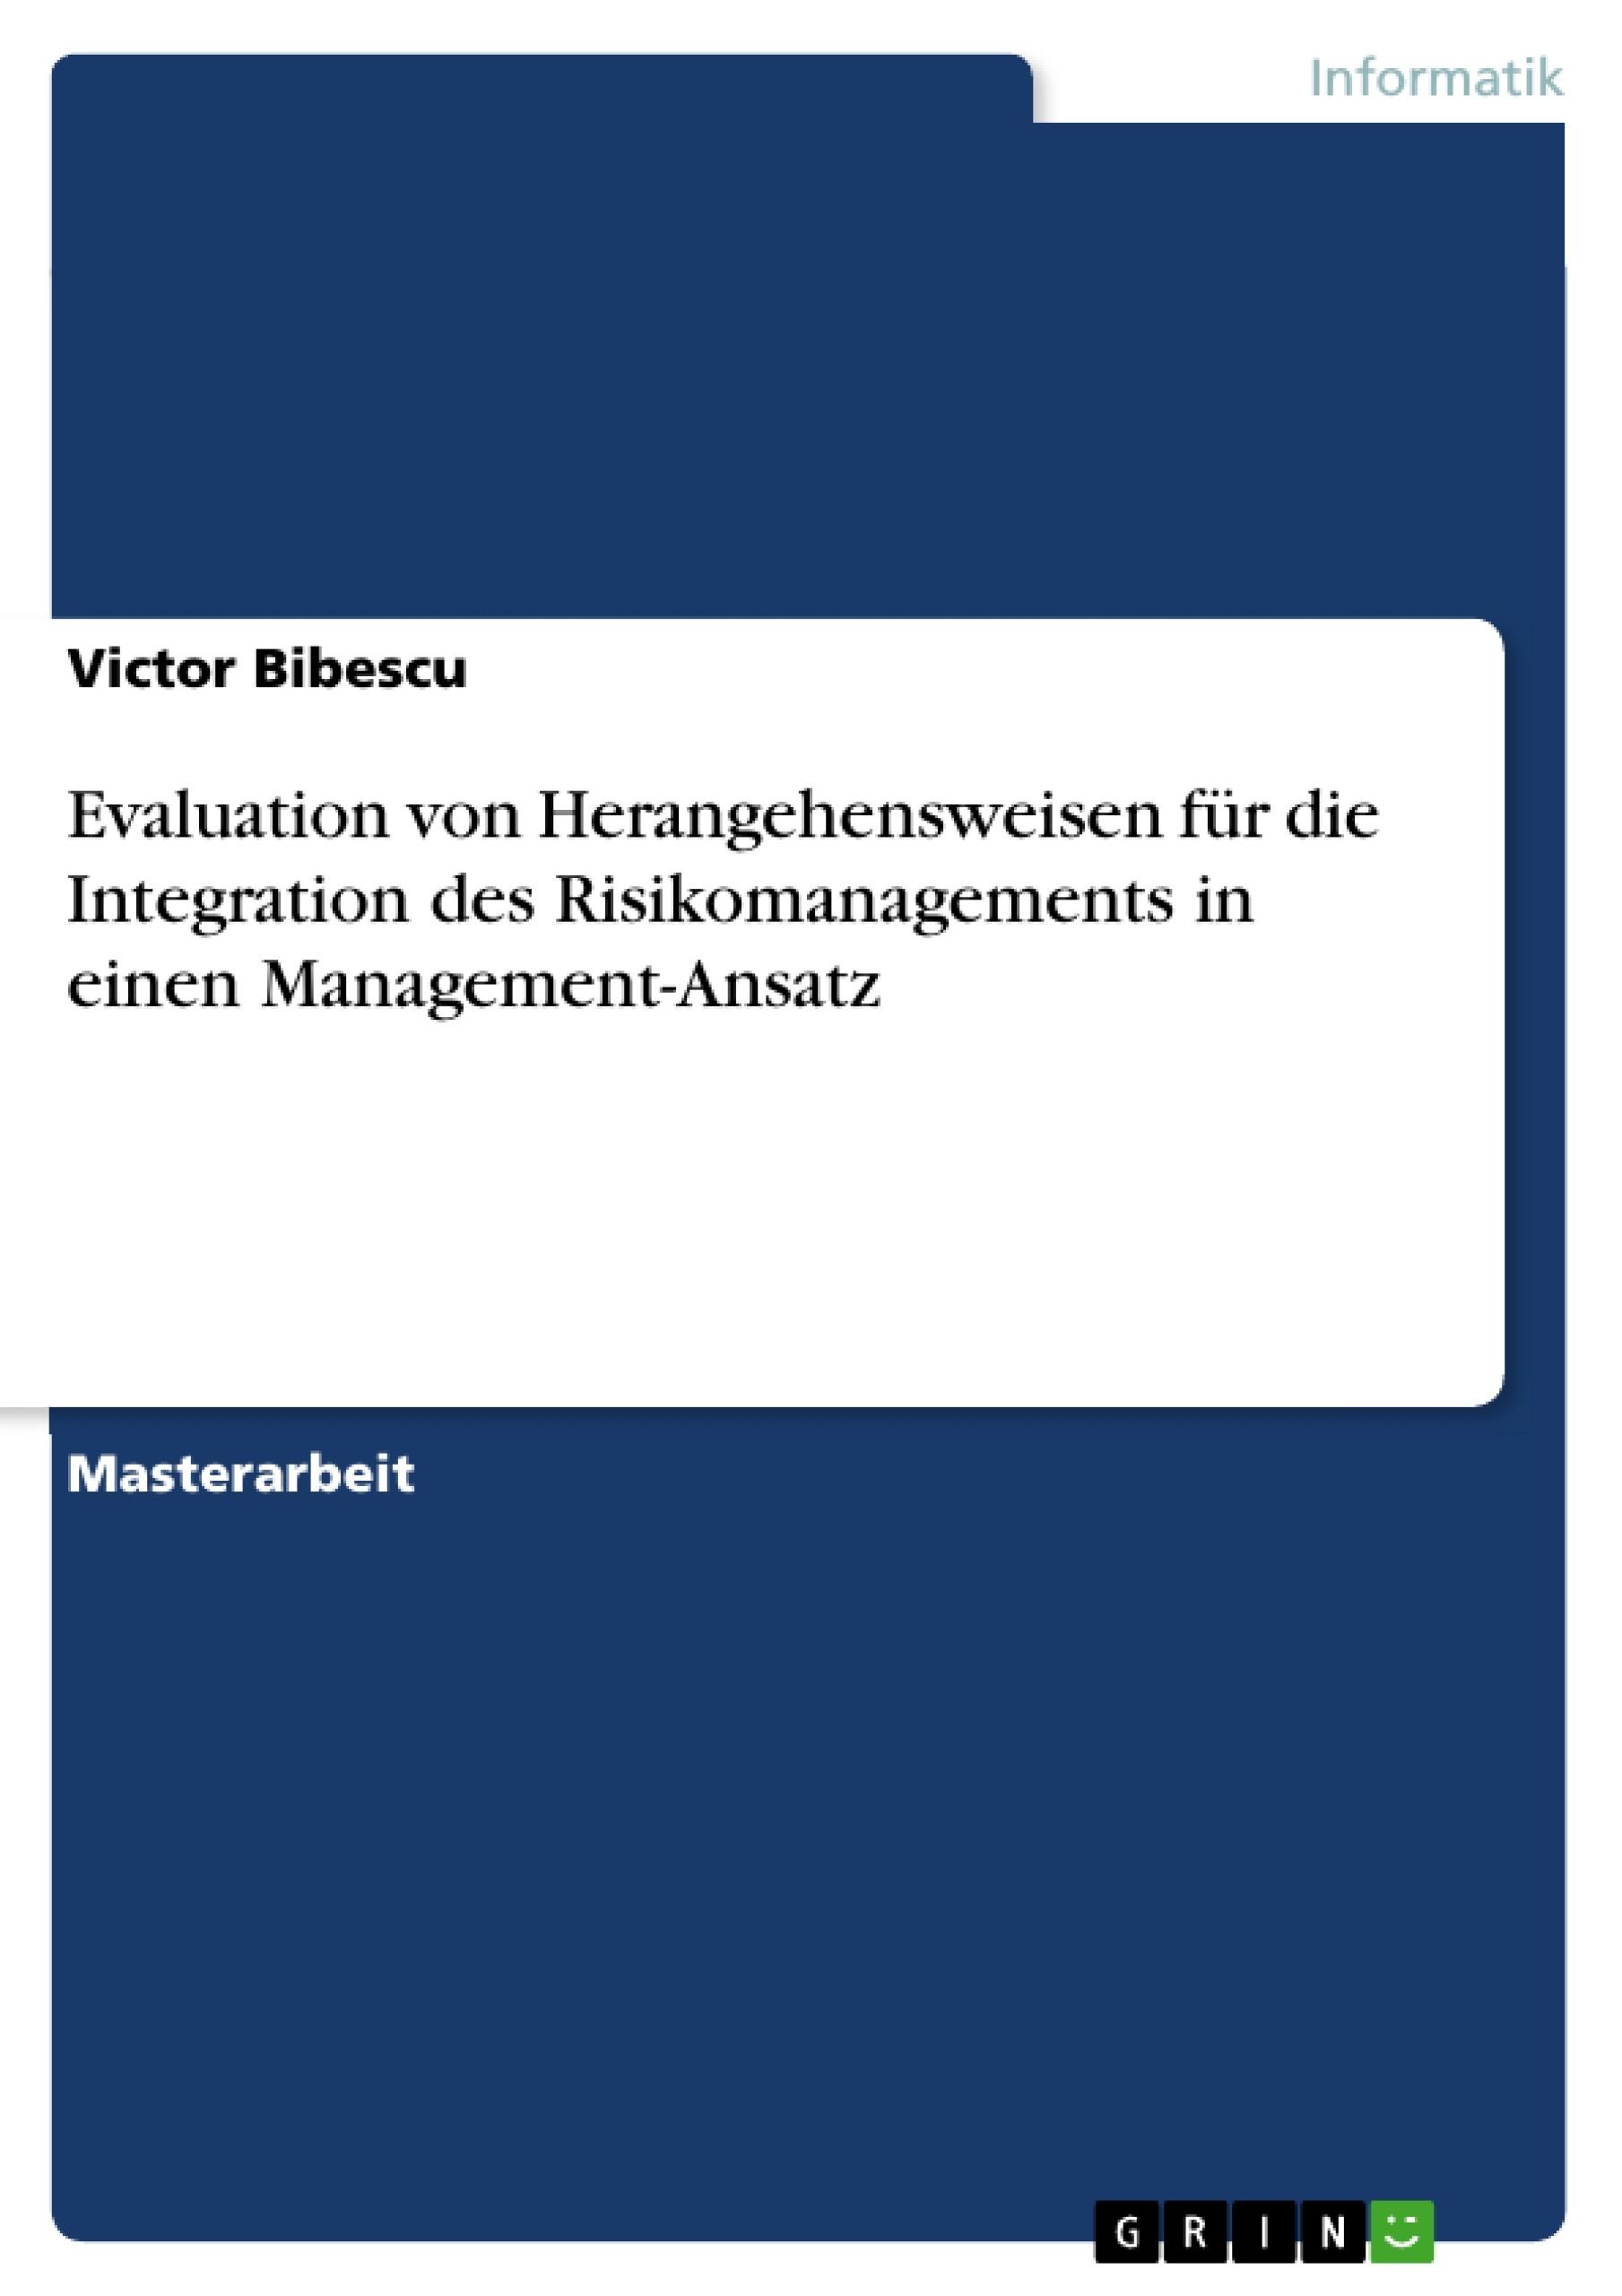 Titel: Evaluation von Herangehensweisen für die Integration des Risikomanagements in einen Management-Ansatz